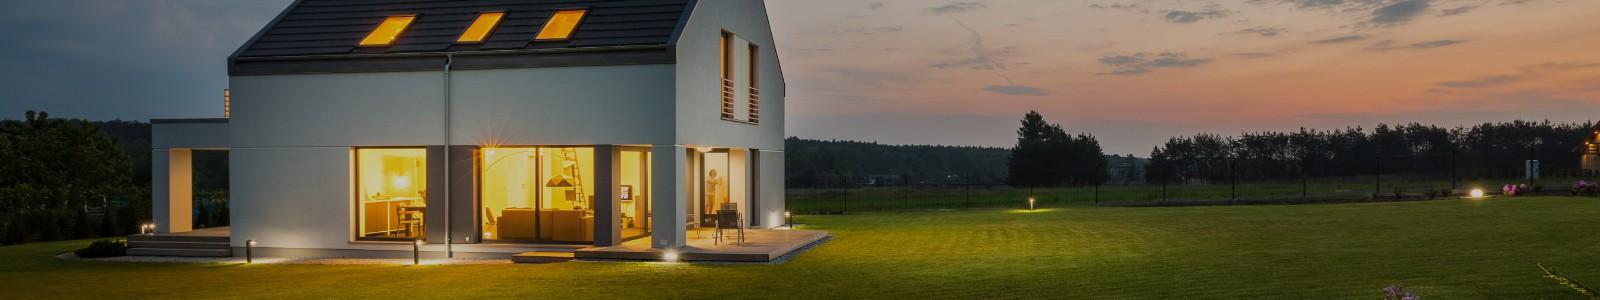 Wszystkie Projekty Domów | Wszystkie Nieruchomości